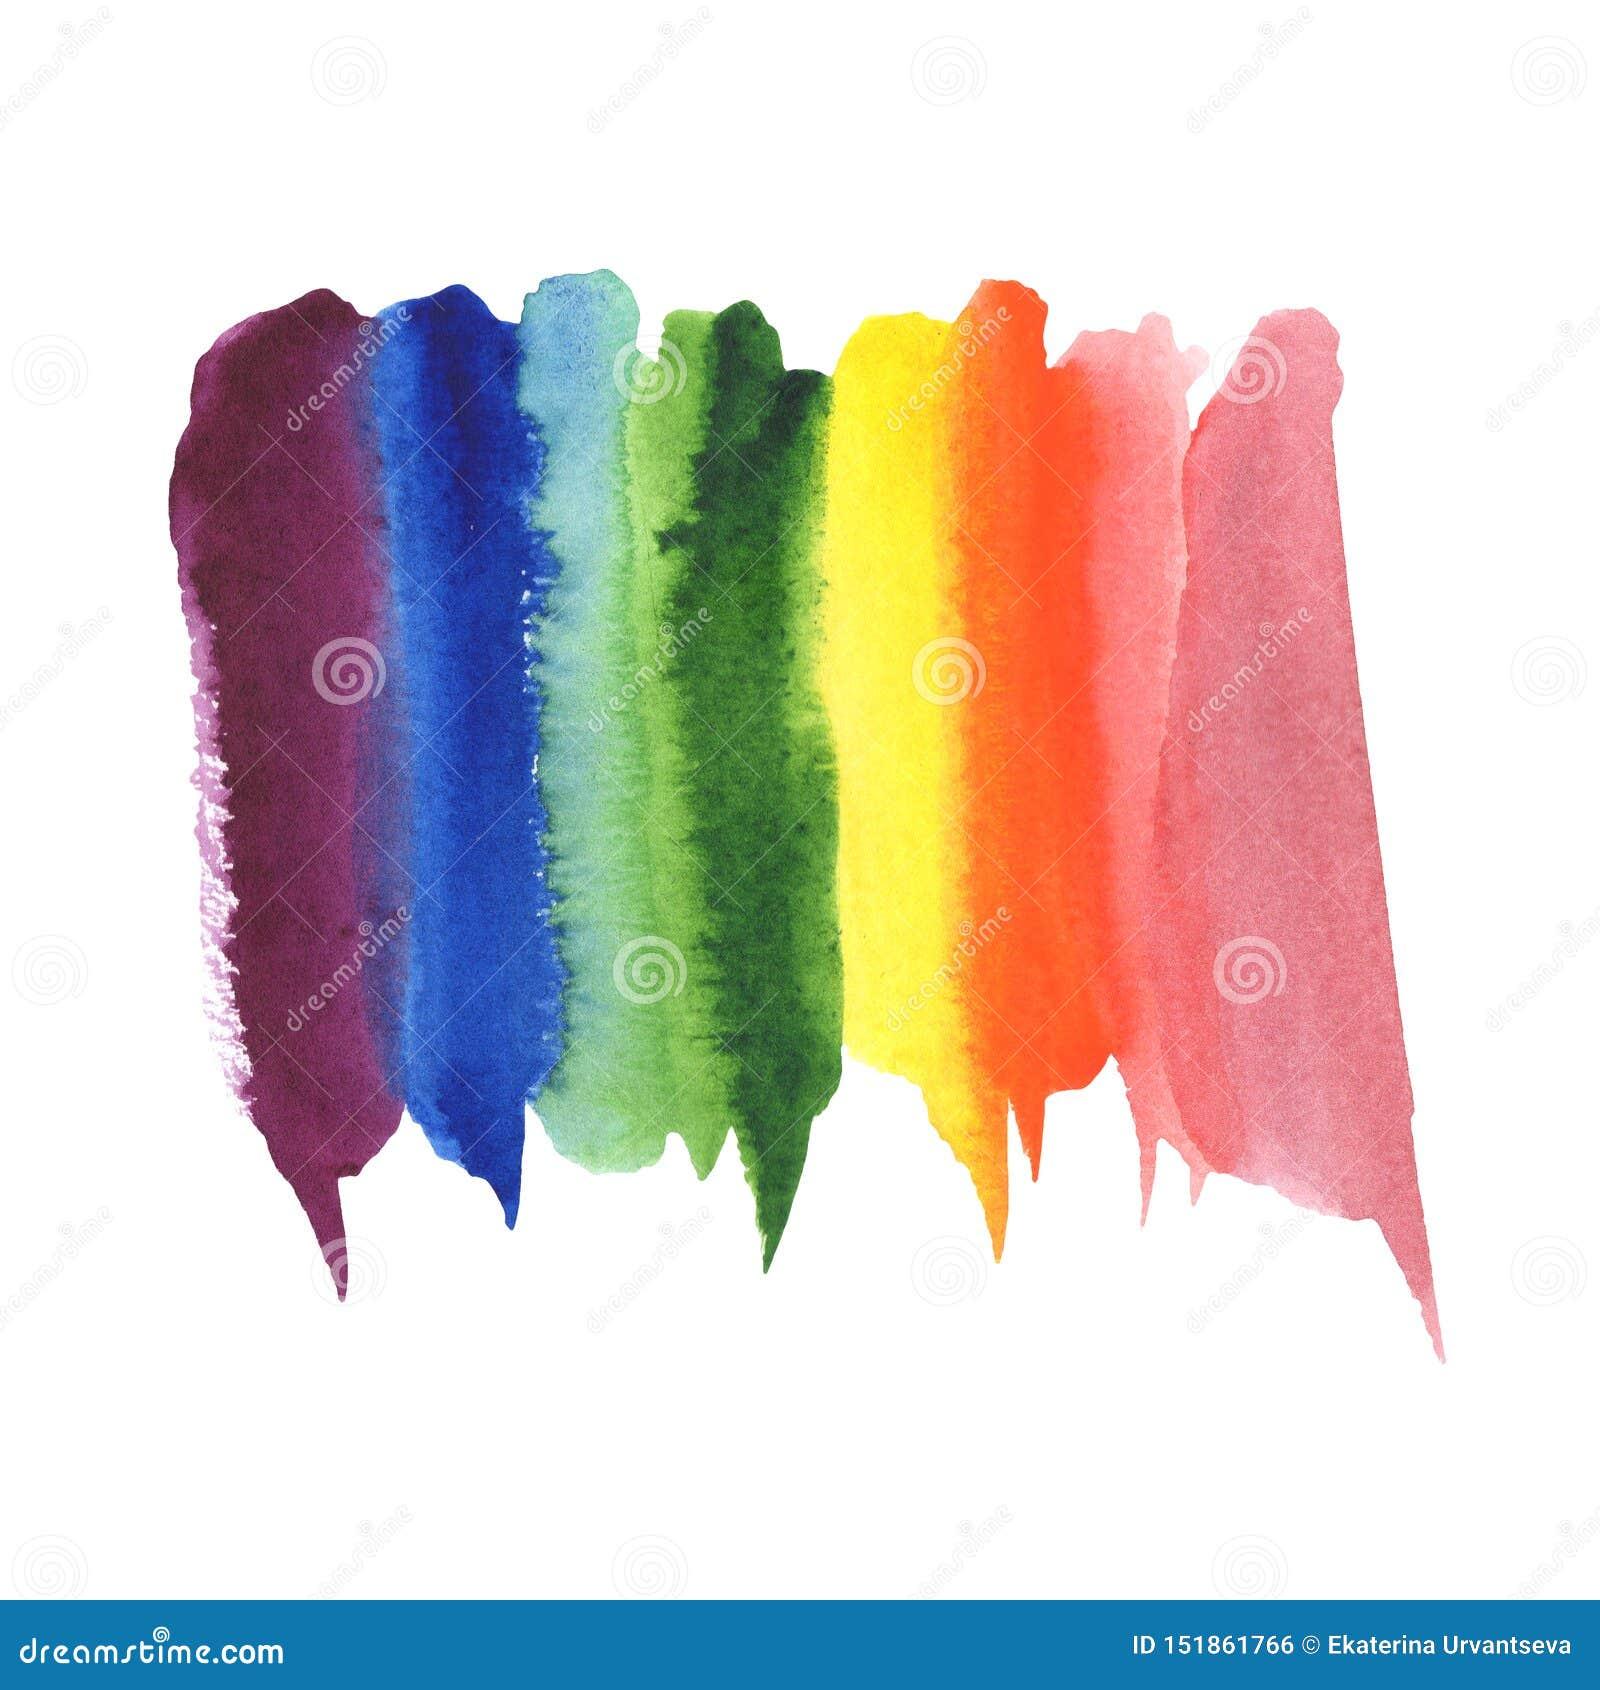 Illustrations-Zusammenfassungsaquarellregenbogenfarbfleckhintergrund Farbspektrum